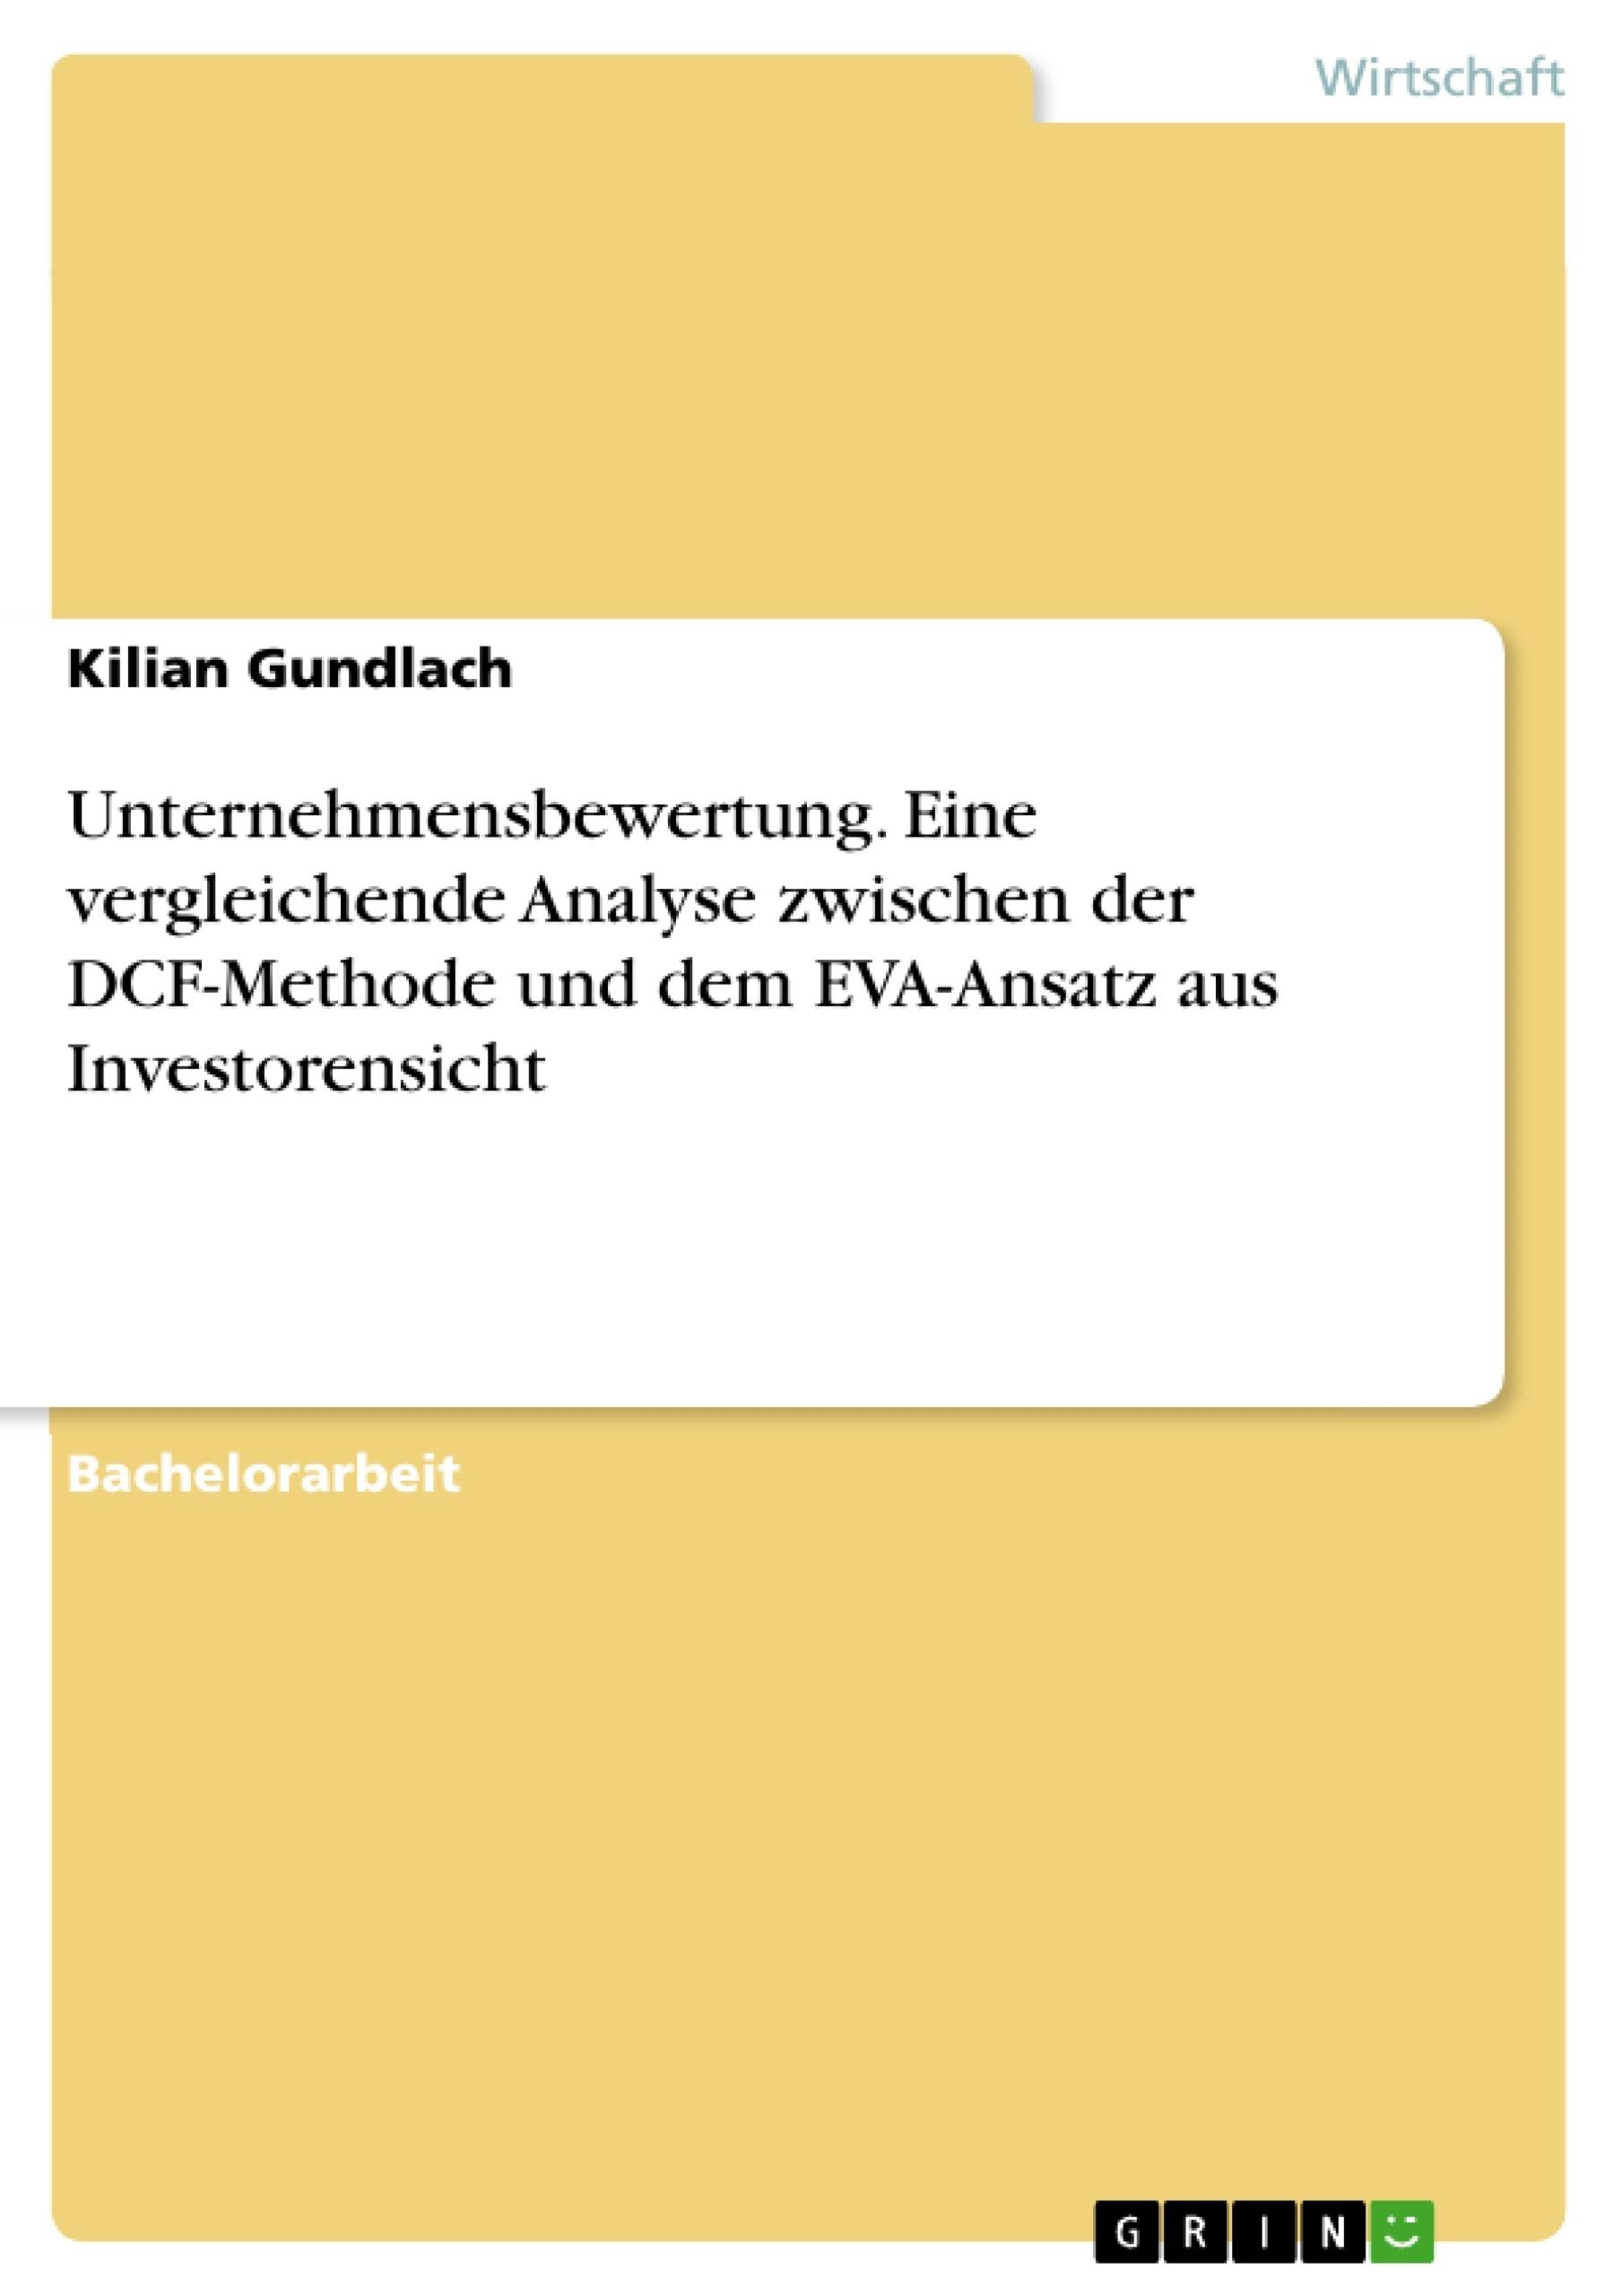 Titel: Unternehmensbewertung. Eine vergleichende Analyse zwischen der DCF-Methode und dem EVA-Ansatz aus Investorensicht